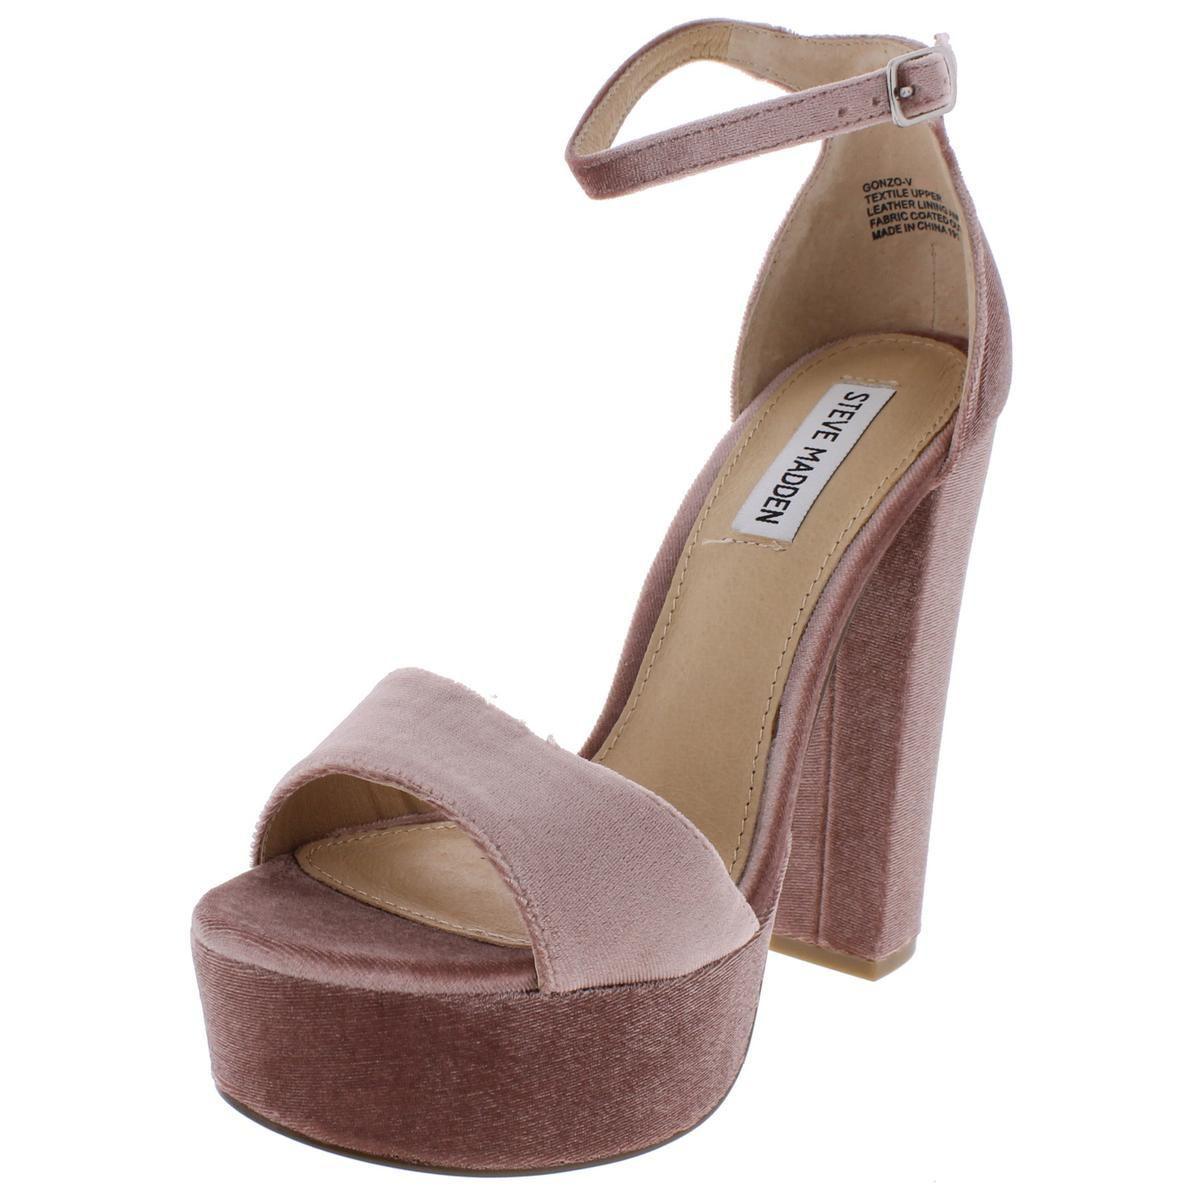 f19dba7b92ac Steve Madden - Multicolor Womens Gonzo-v Velvet Platform Dress Sandals -  Lyst. View fullscreen